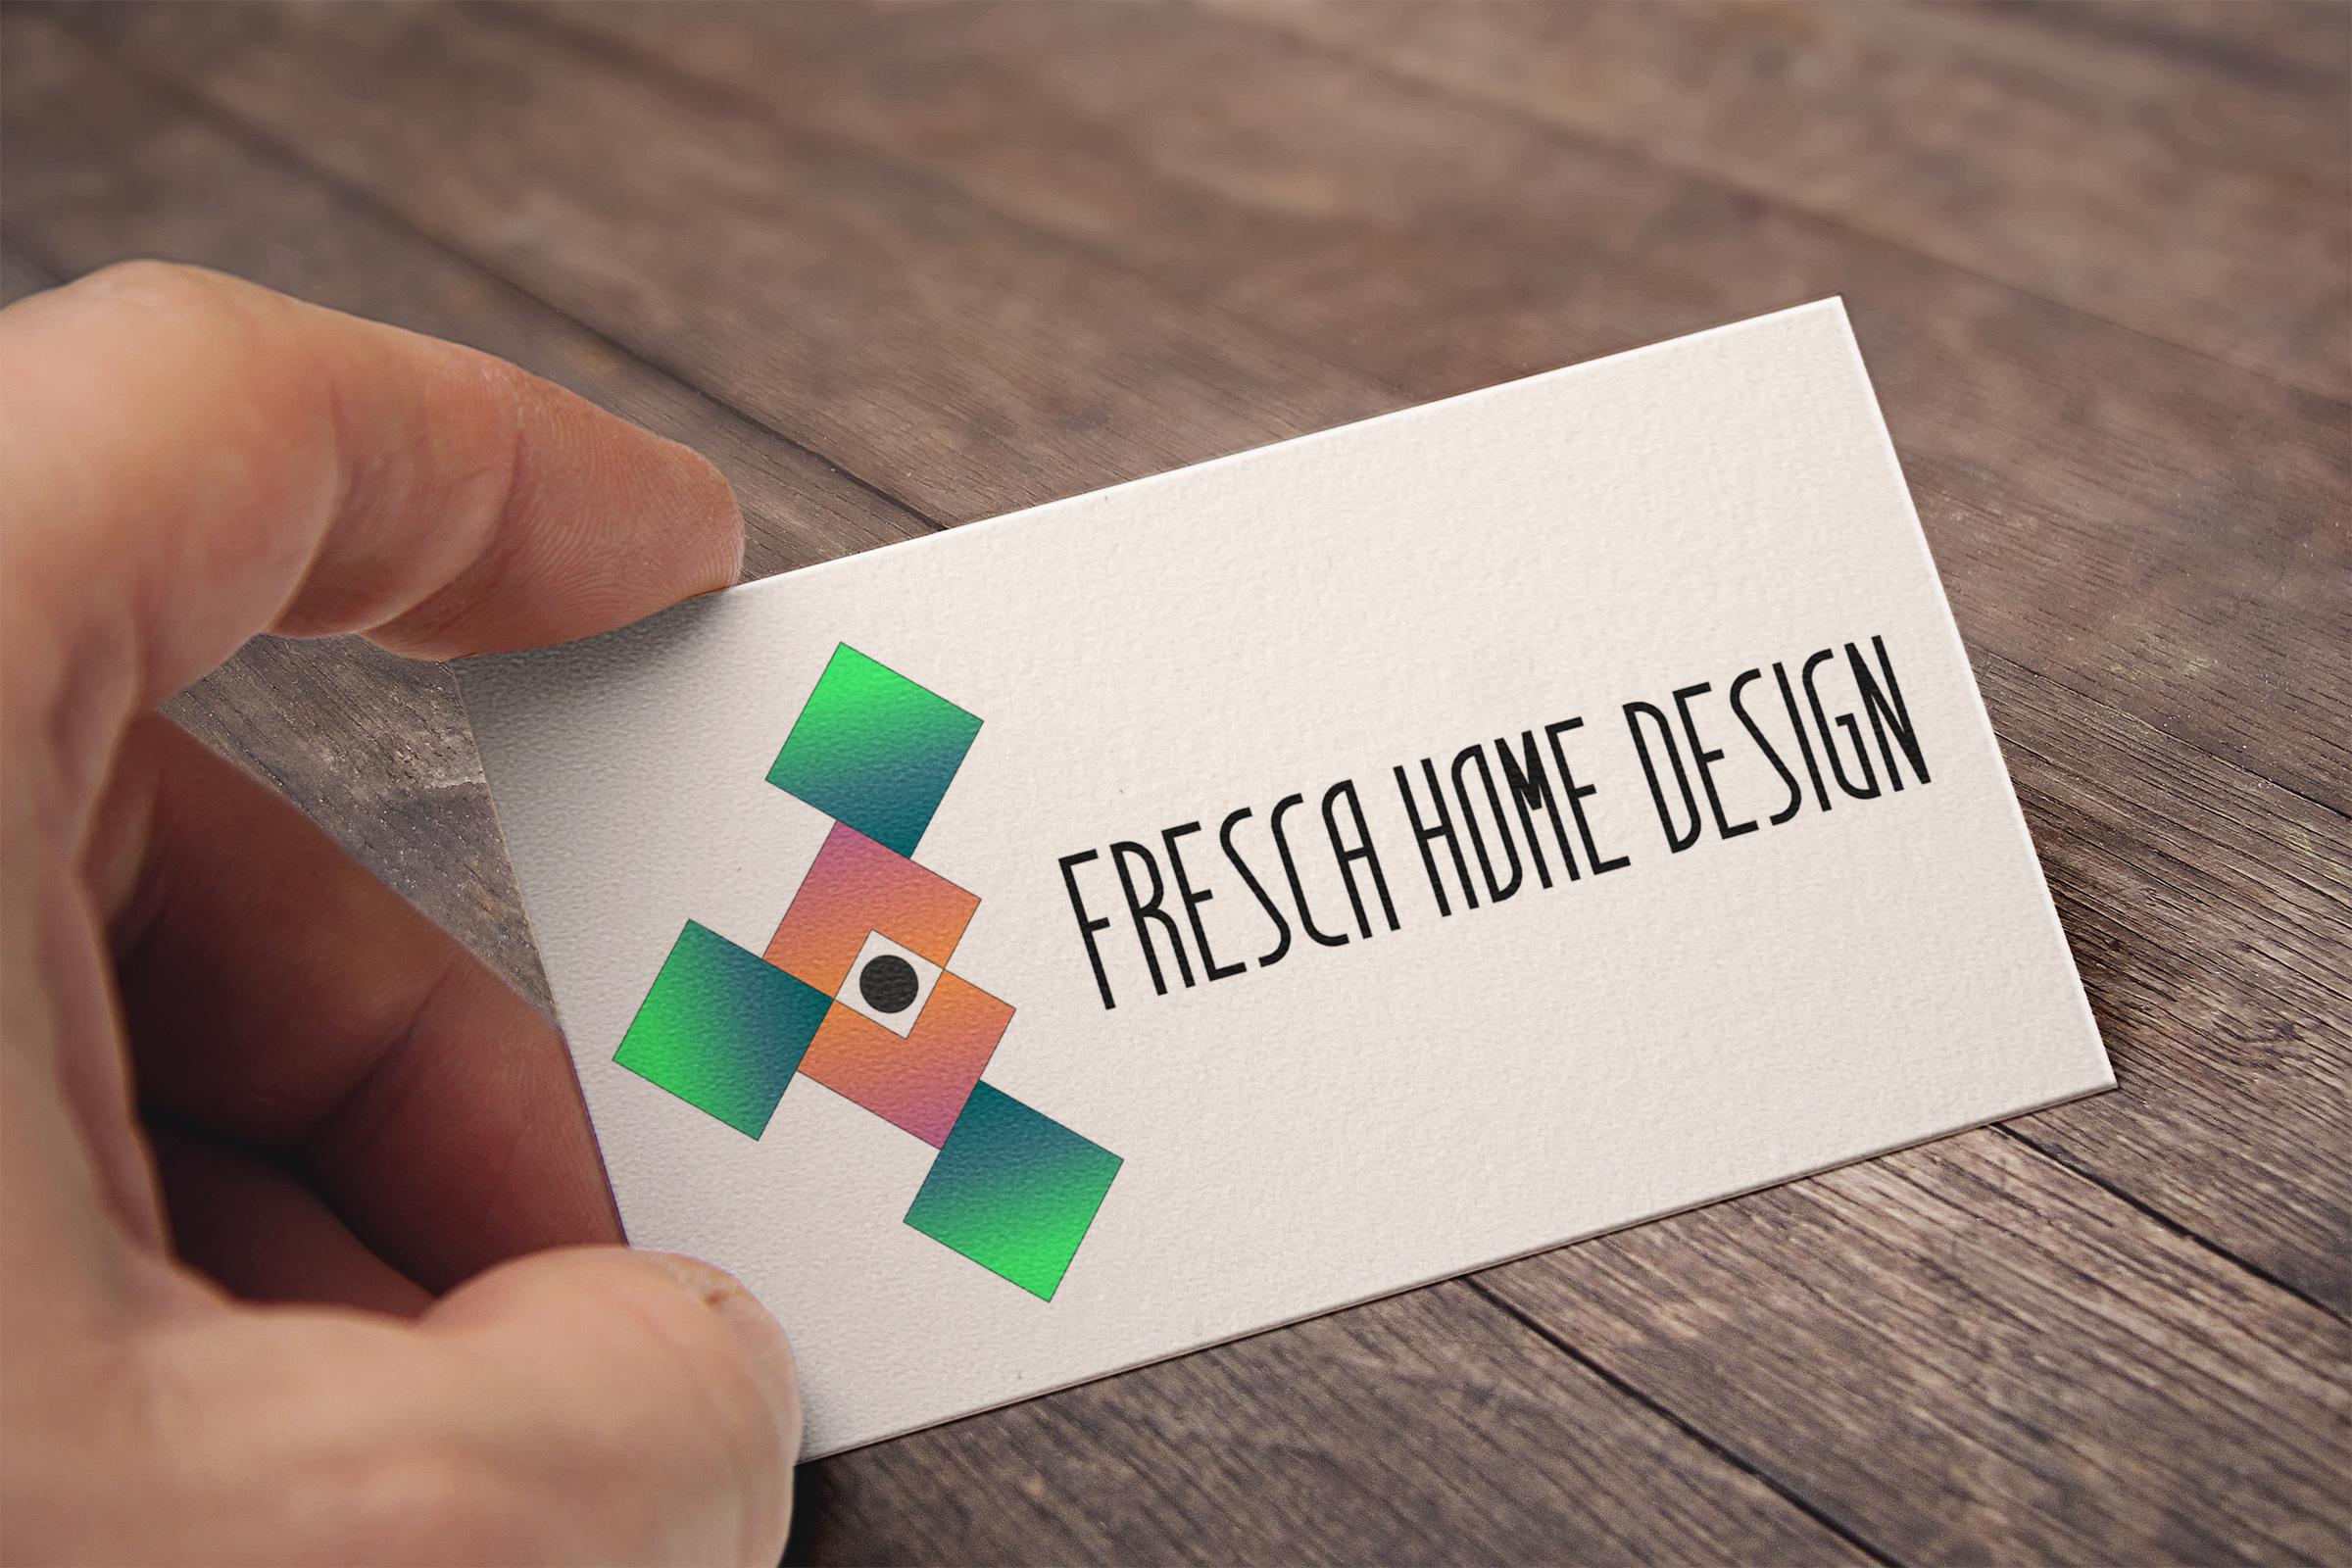 Разработка логотипа и фирменного стиля  фото f_3245a9f8d4442079.jpg